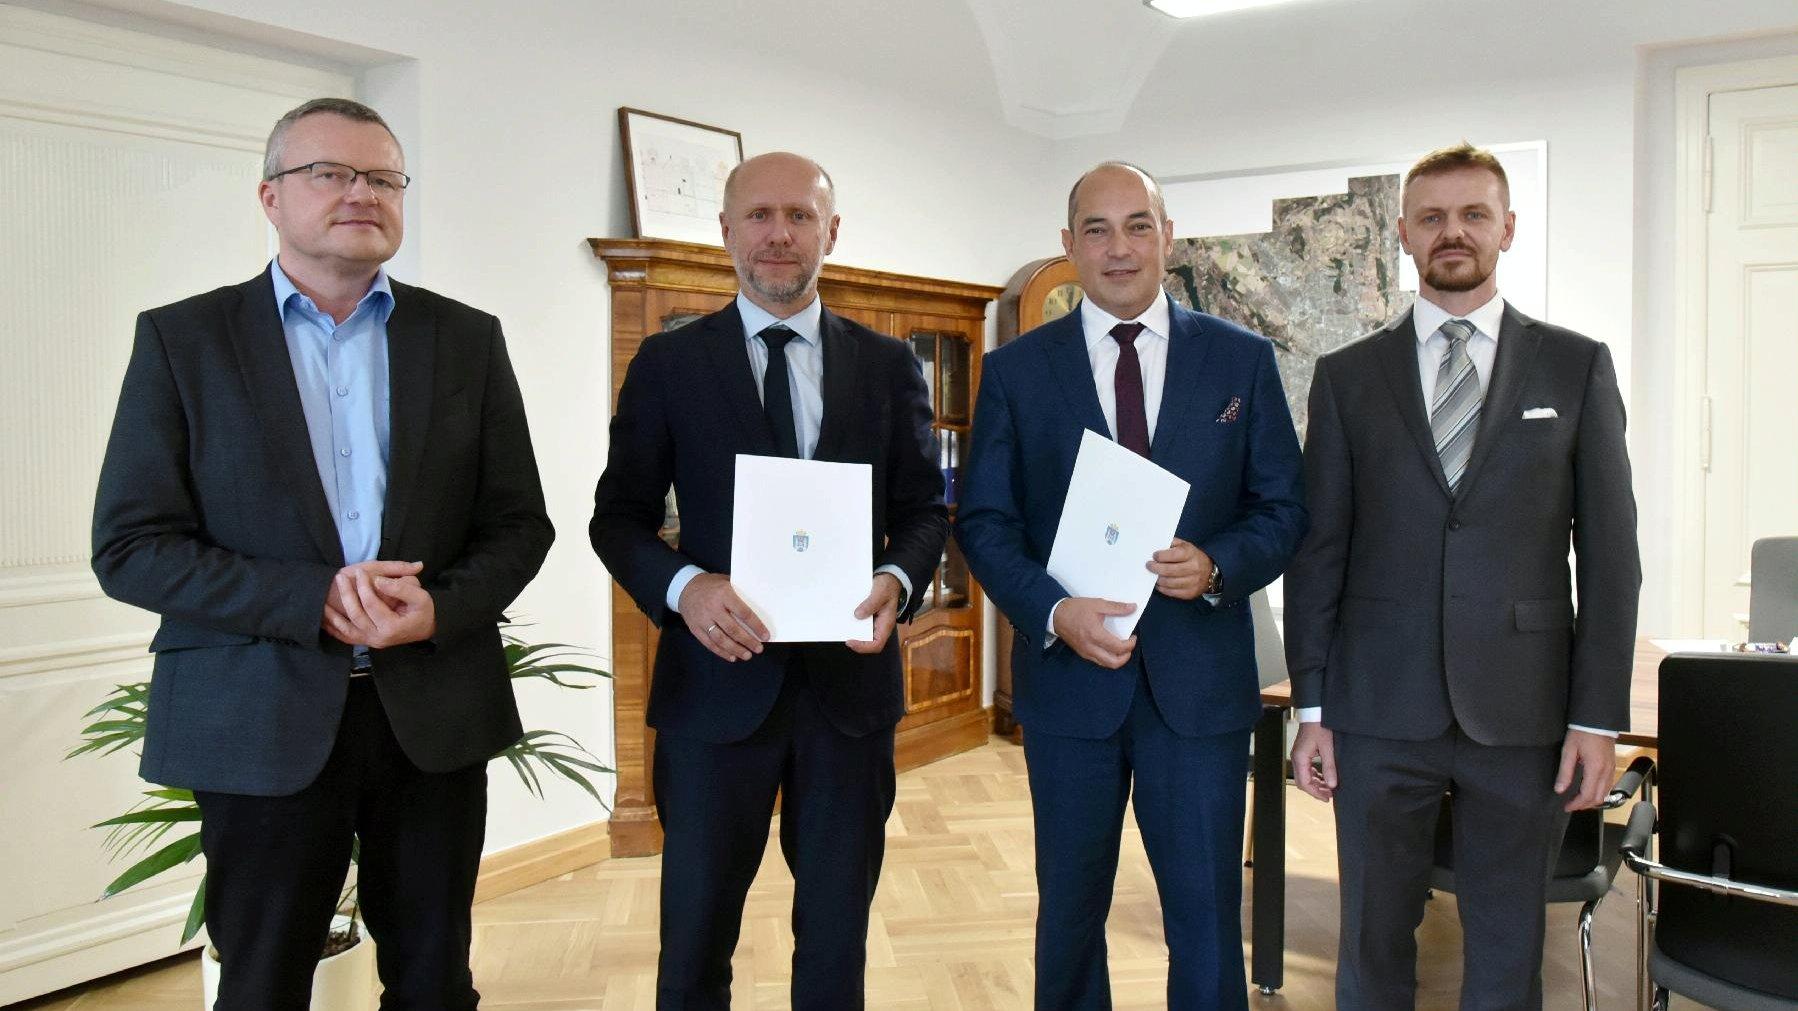 Na zdjęciu znajdują się wiceprezydent Poznania - Bartosz Guss, Marcin Kraska - wiceprezes Centrum Łukasiewicz oraz jego asystent i miejski energetyk. Wiceprezes i wiceprezydent trzymają w rękach teczkę z porozumieniem. - grafika artykułu